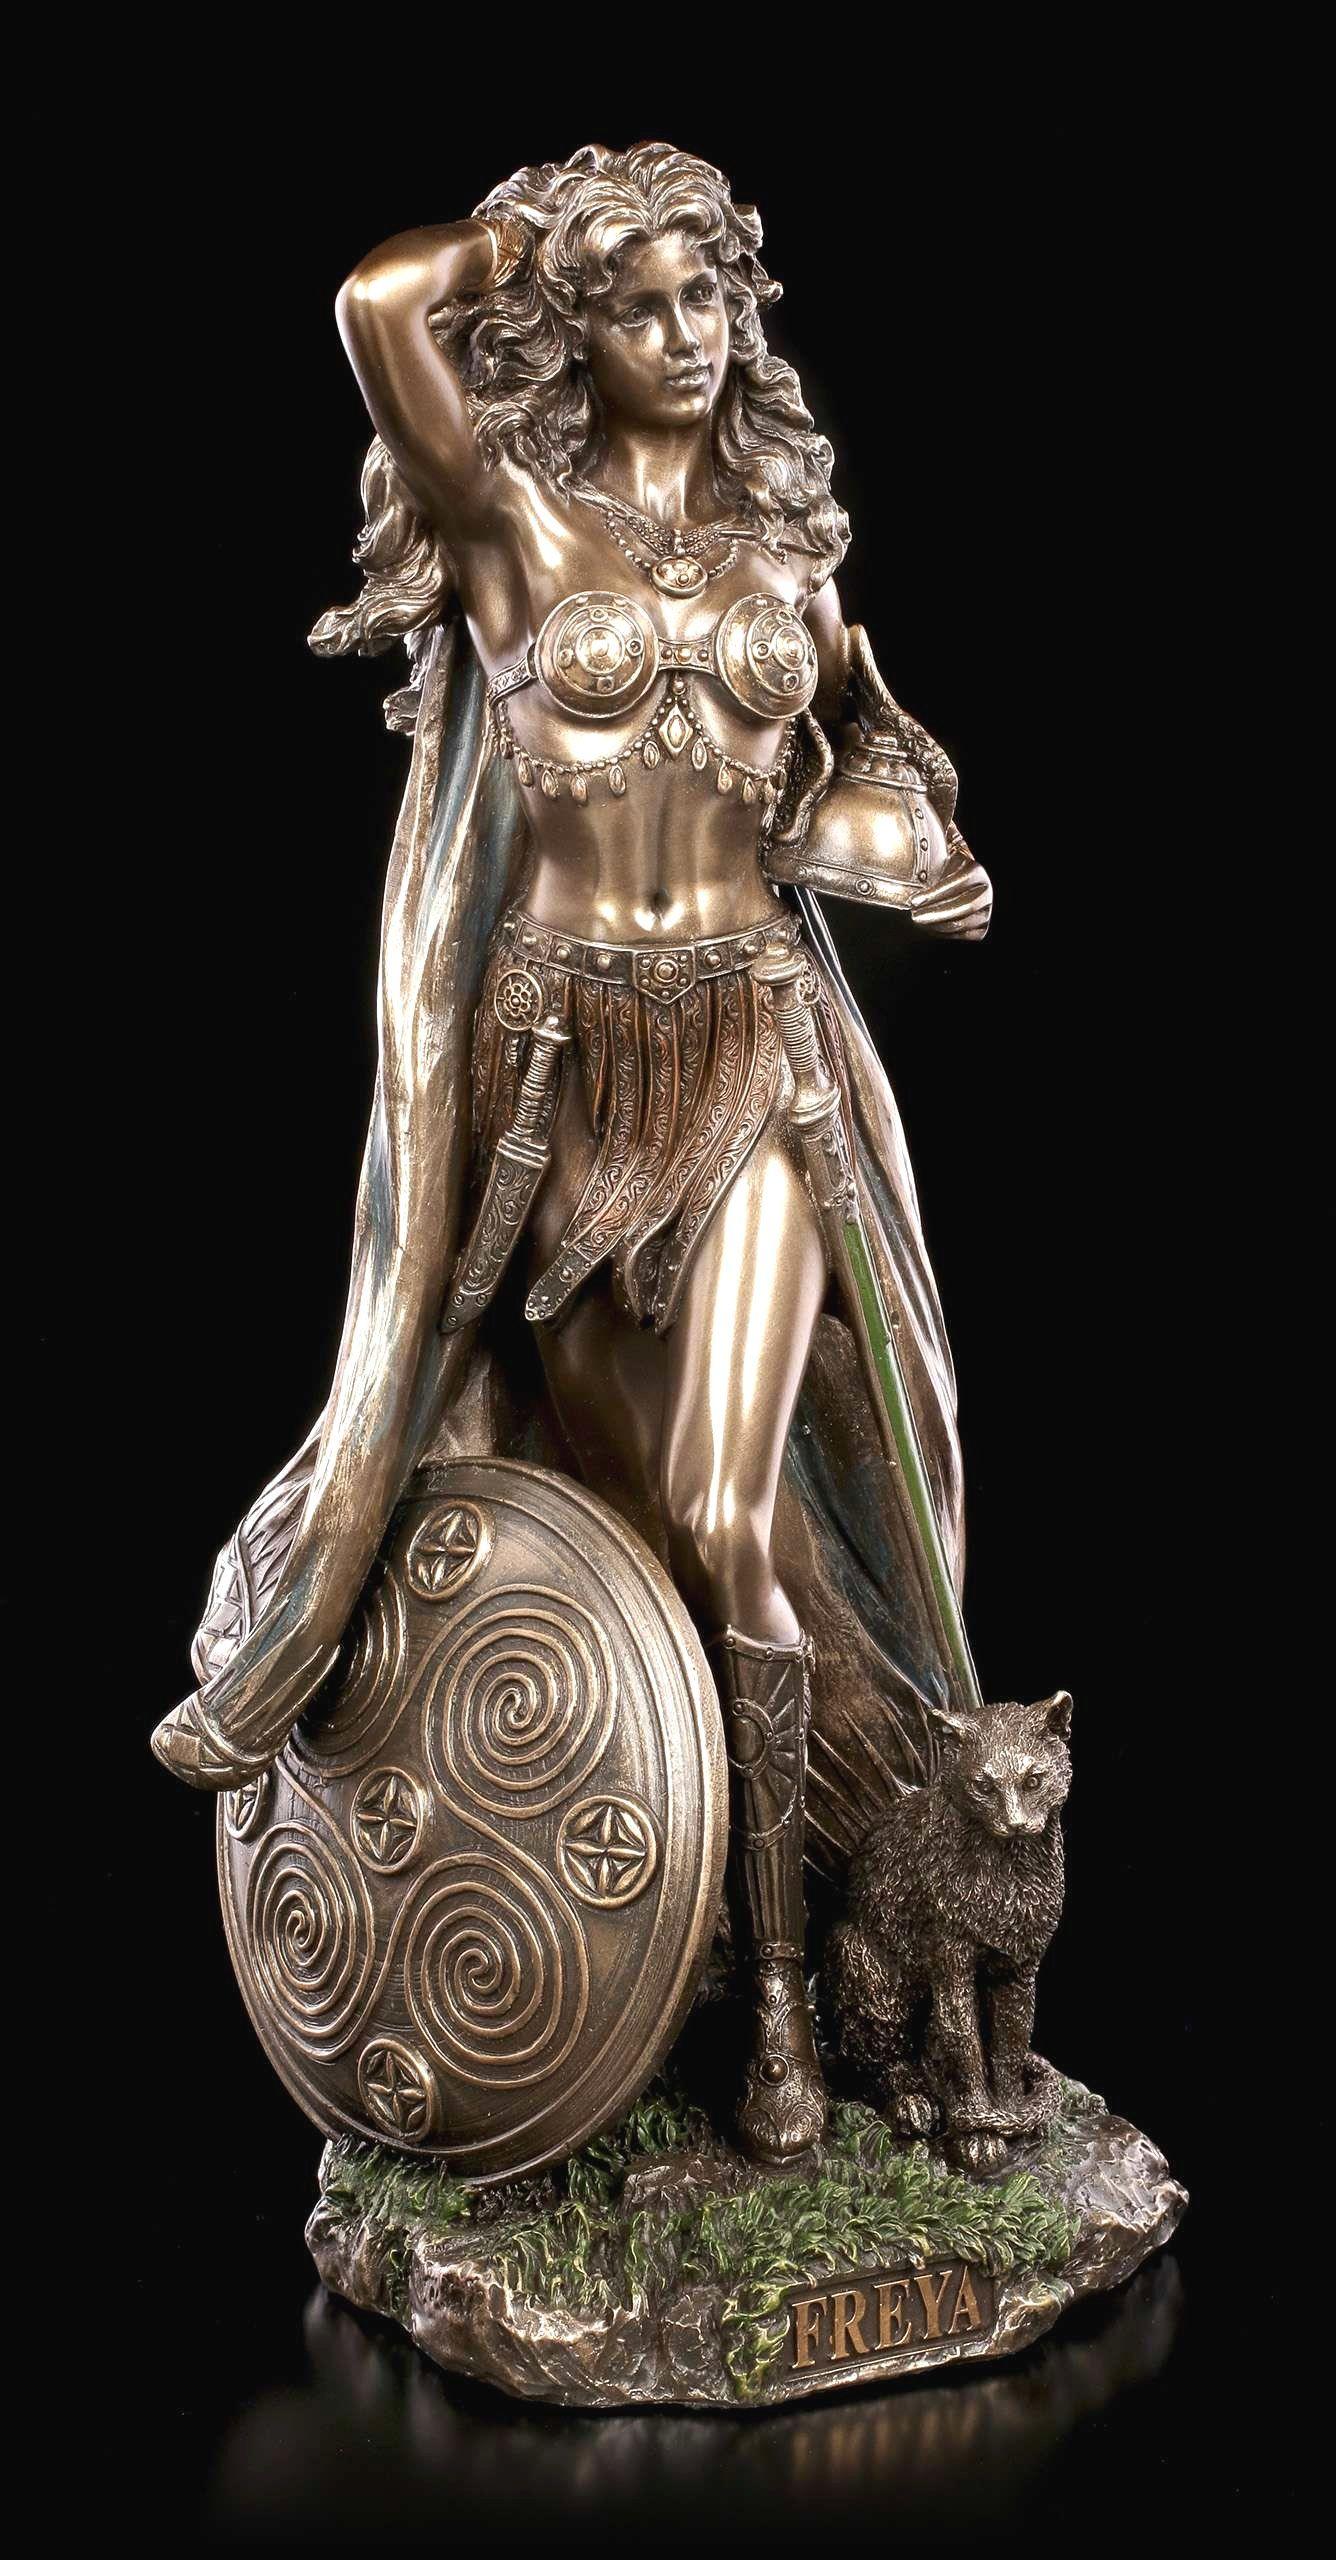 8 Vollkommen Kollektion Von Wohnzimmer Deko Figuren Statuen Nordische Gottin Freya Gottin